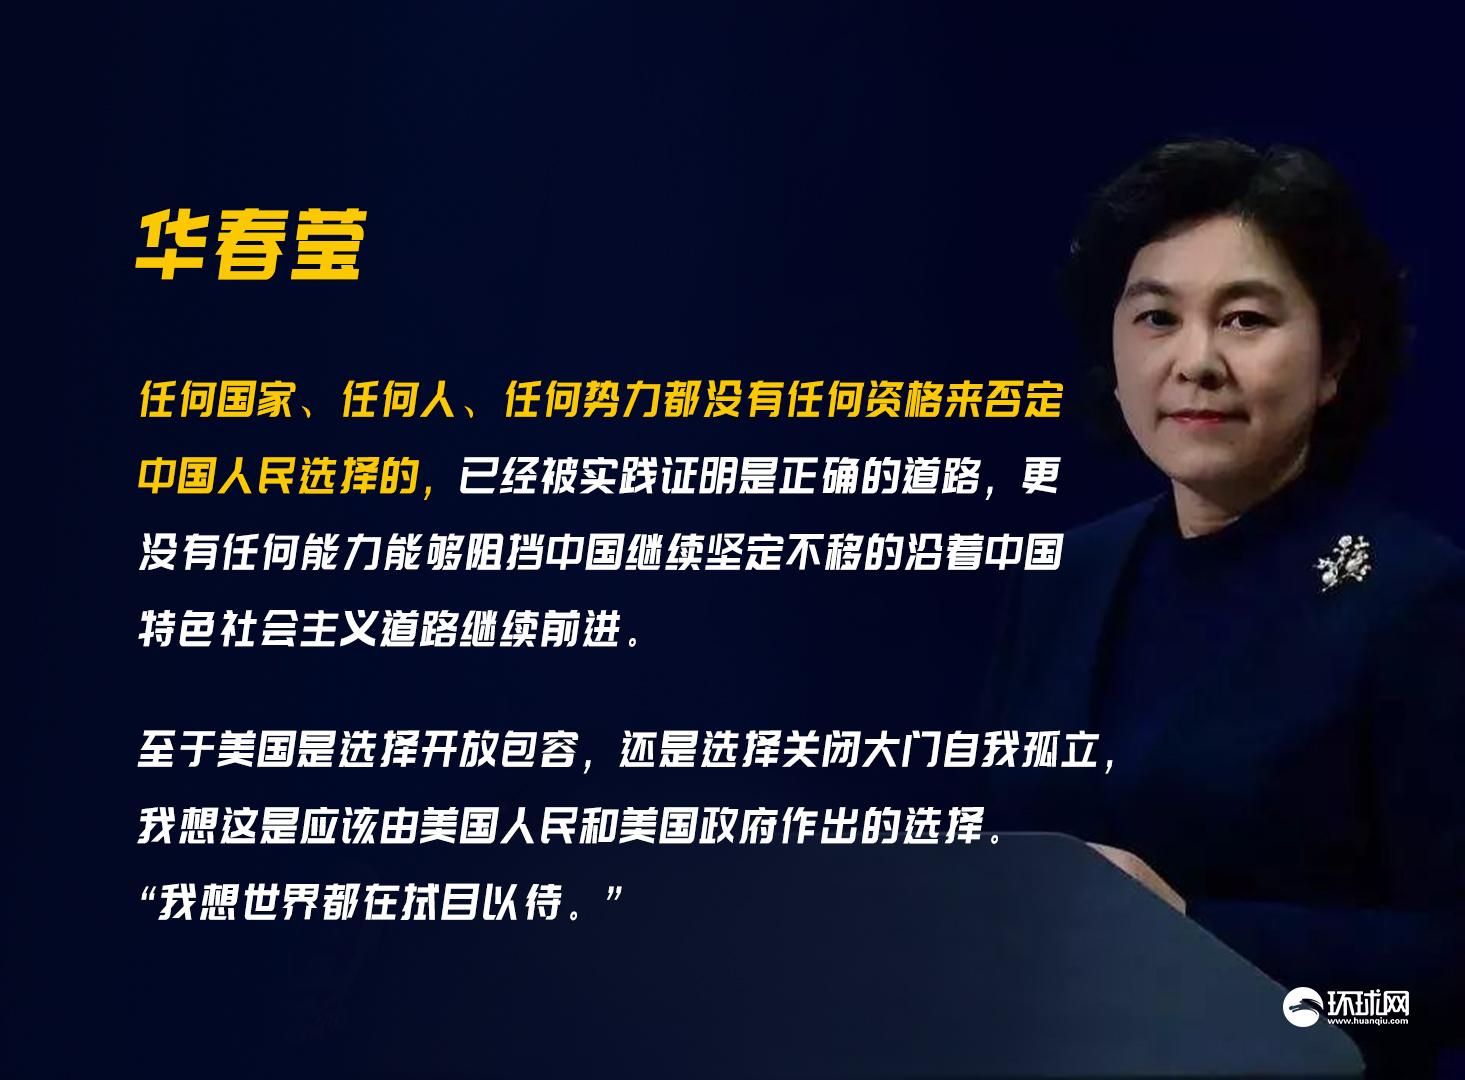 allbet手机版下载:华春莹再谈美思量对中共党员实行旅行限制:任何国家都没有资格否认中国人民选择的门路